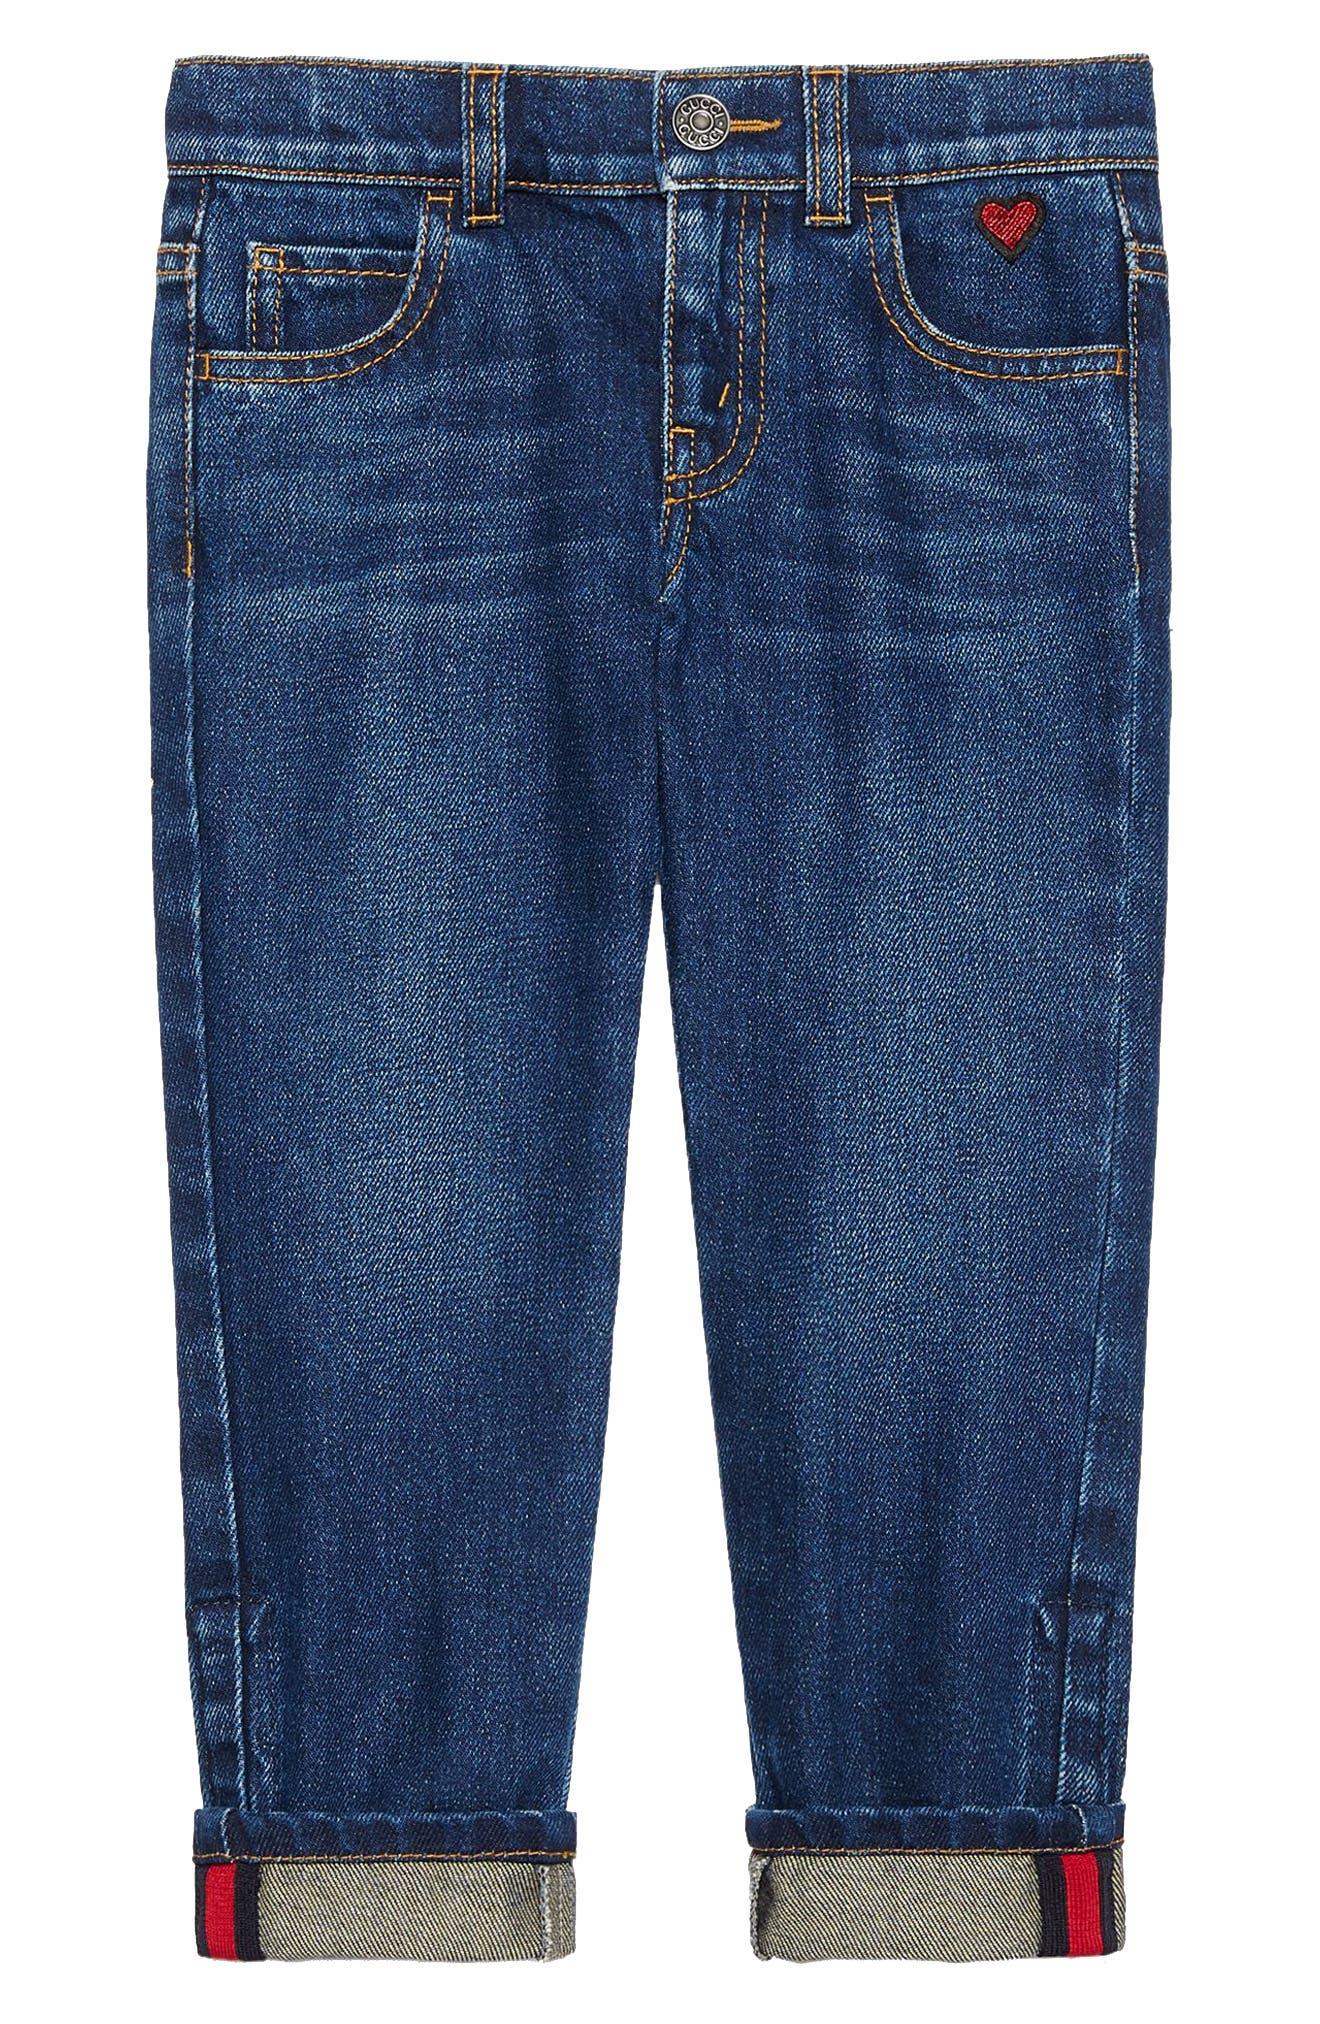 Cuffed Jeans,                         Main,                         color, ORBIT MULTI